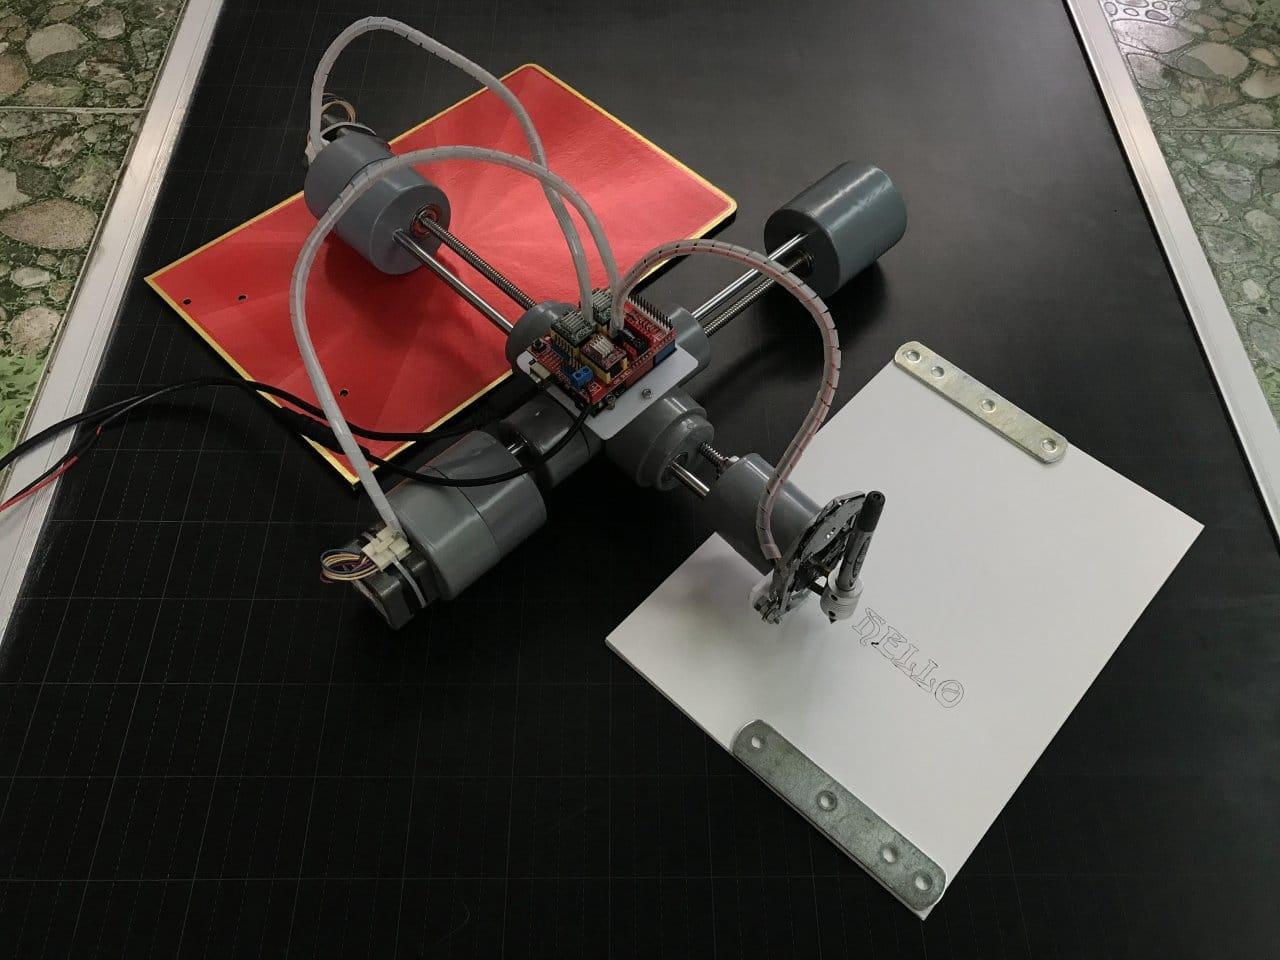 ЧПУ-плоттер из легкодоступных материалов